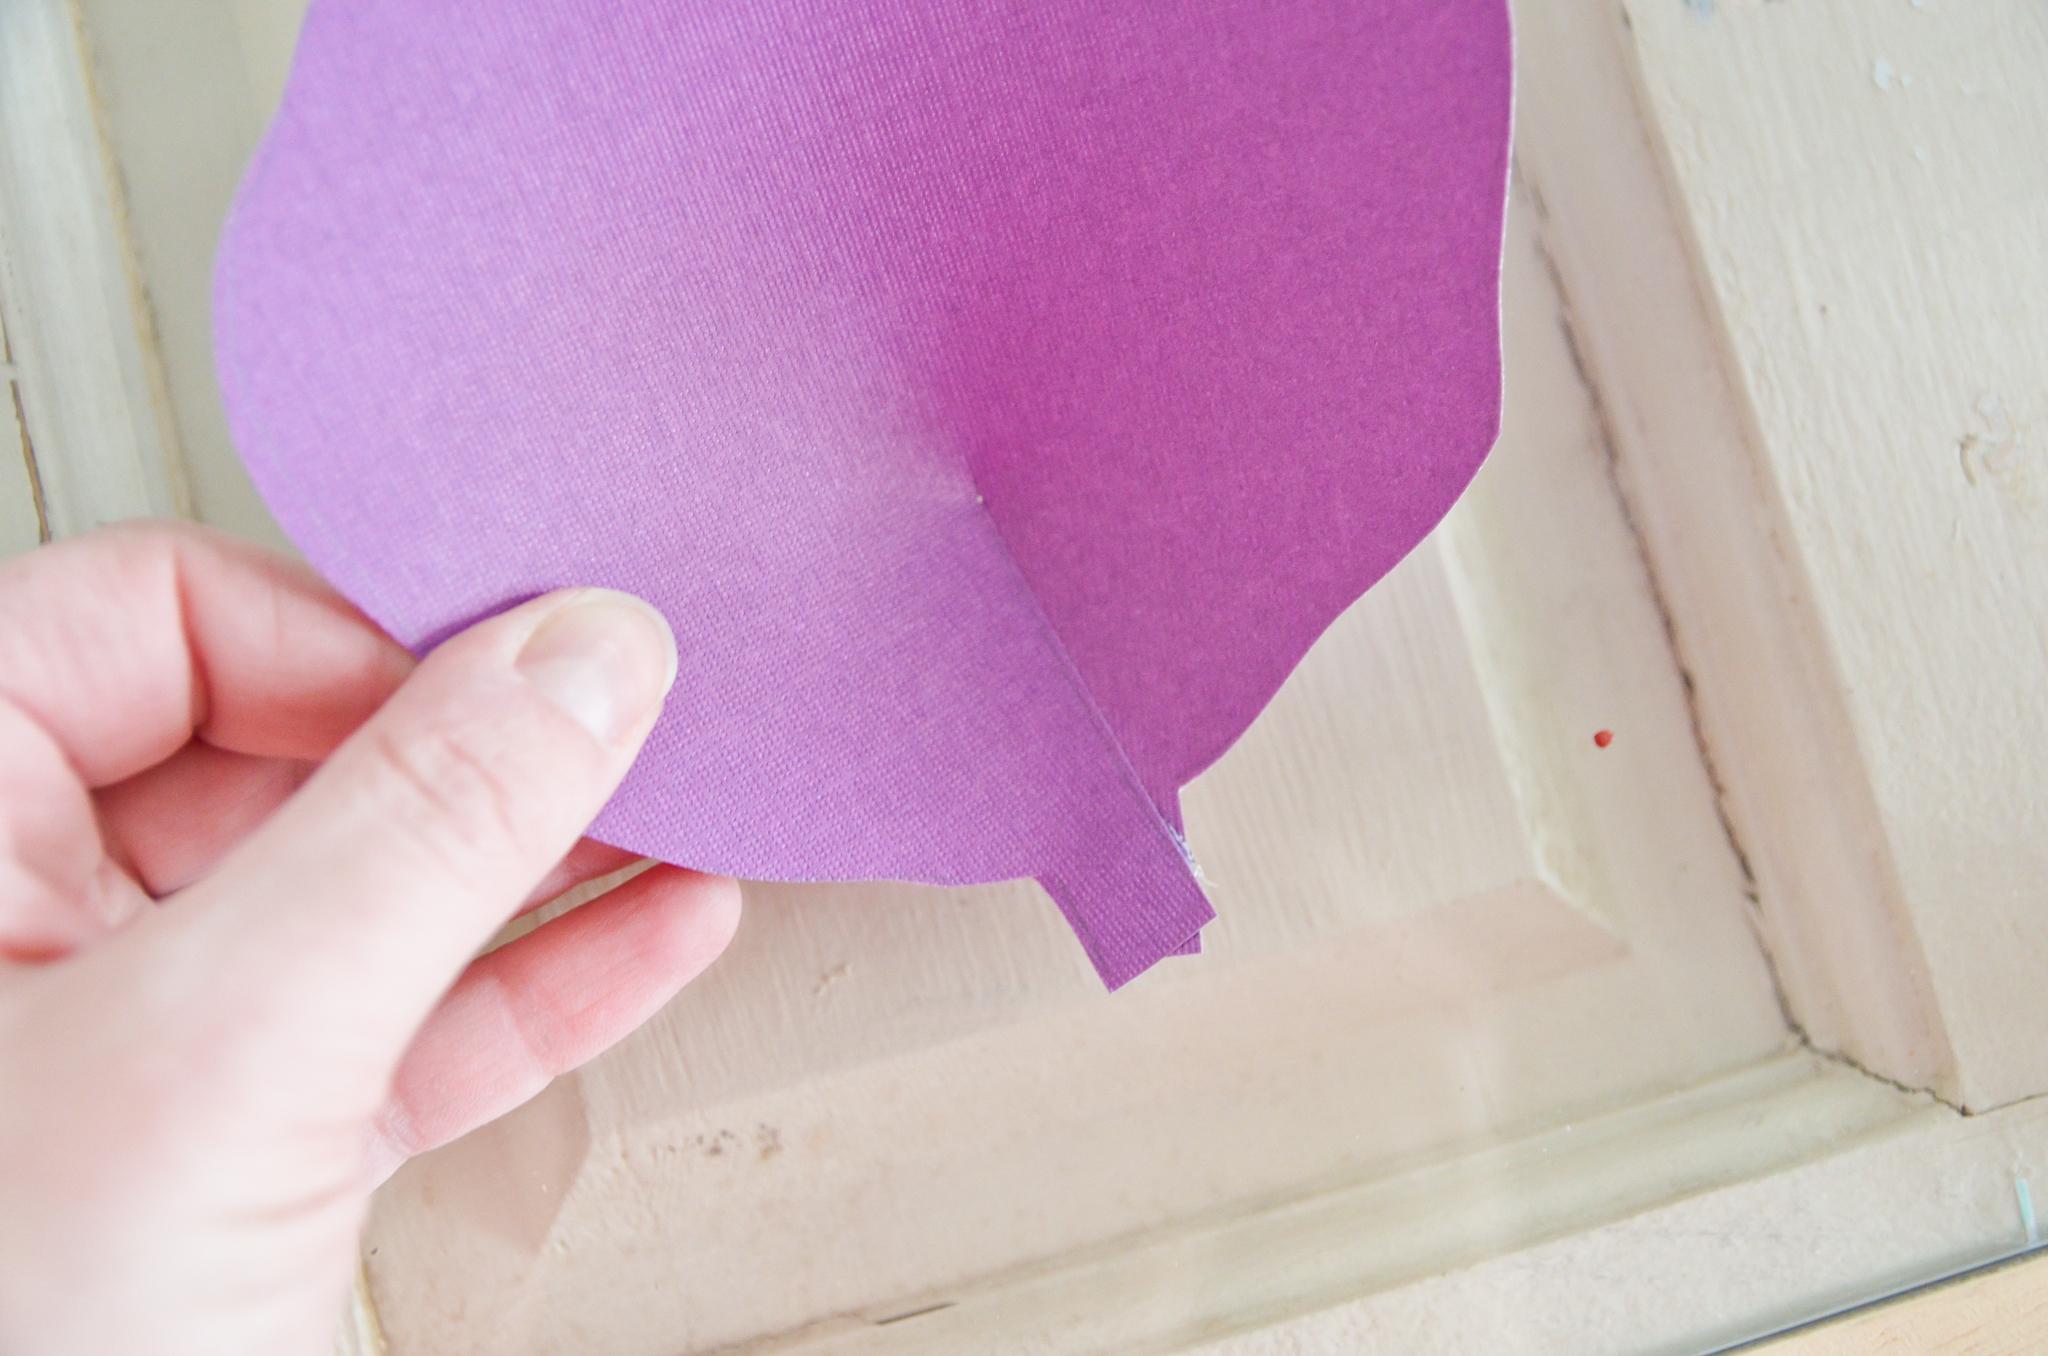 Diy hand cut paper flowers project nursery diy paper flower petal mightylinksfo